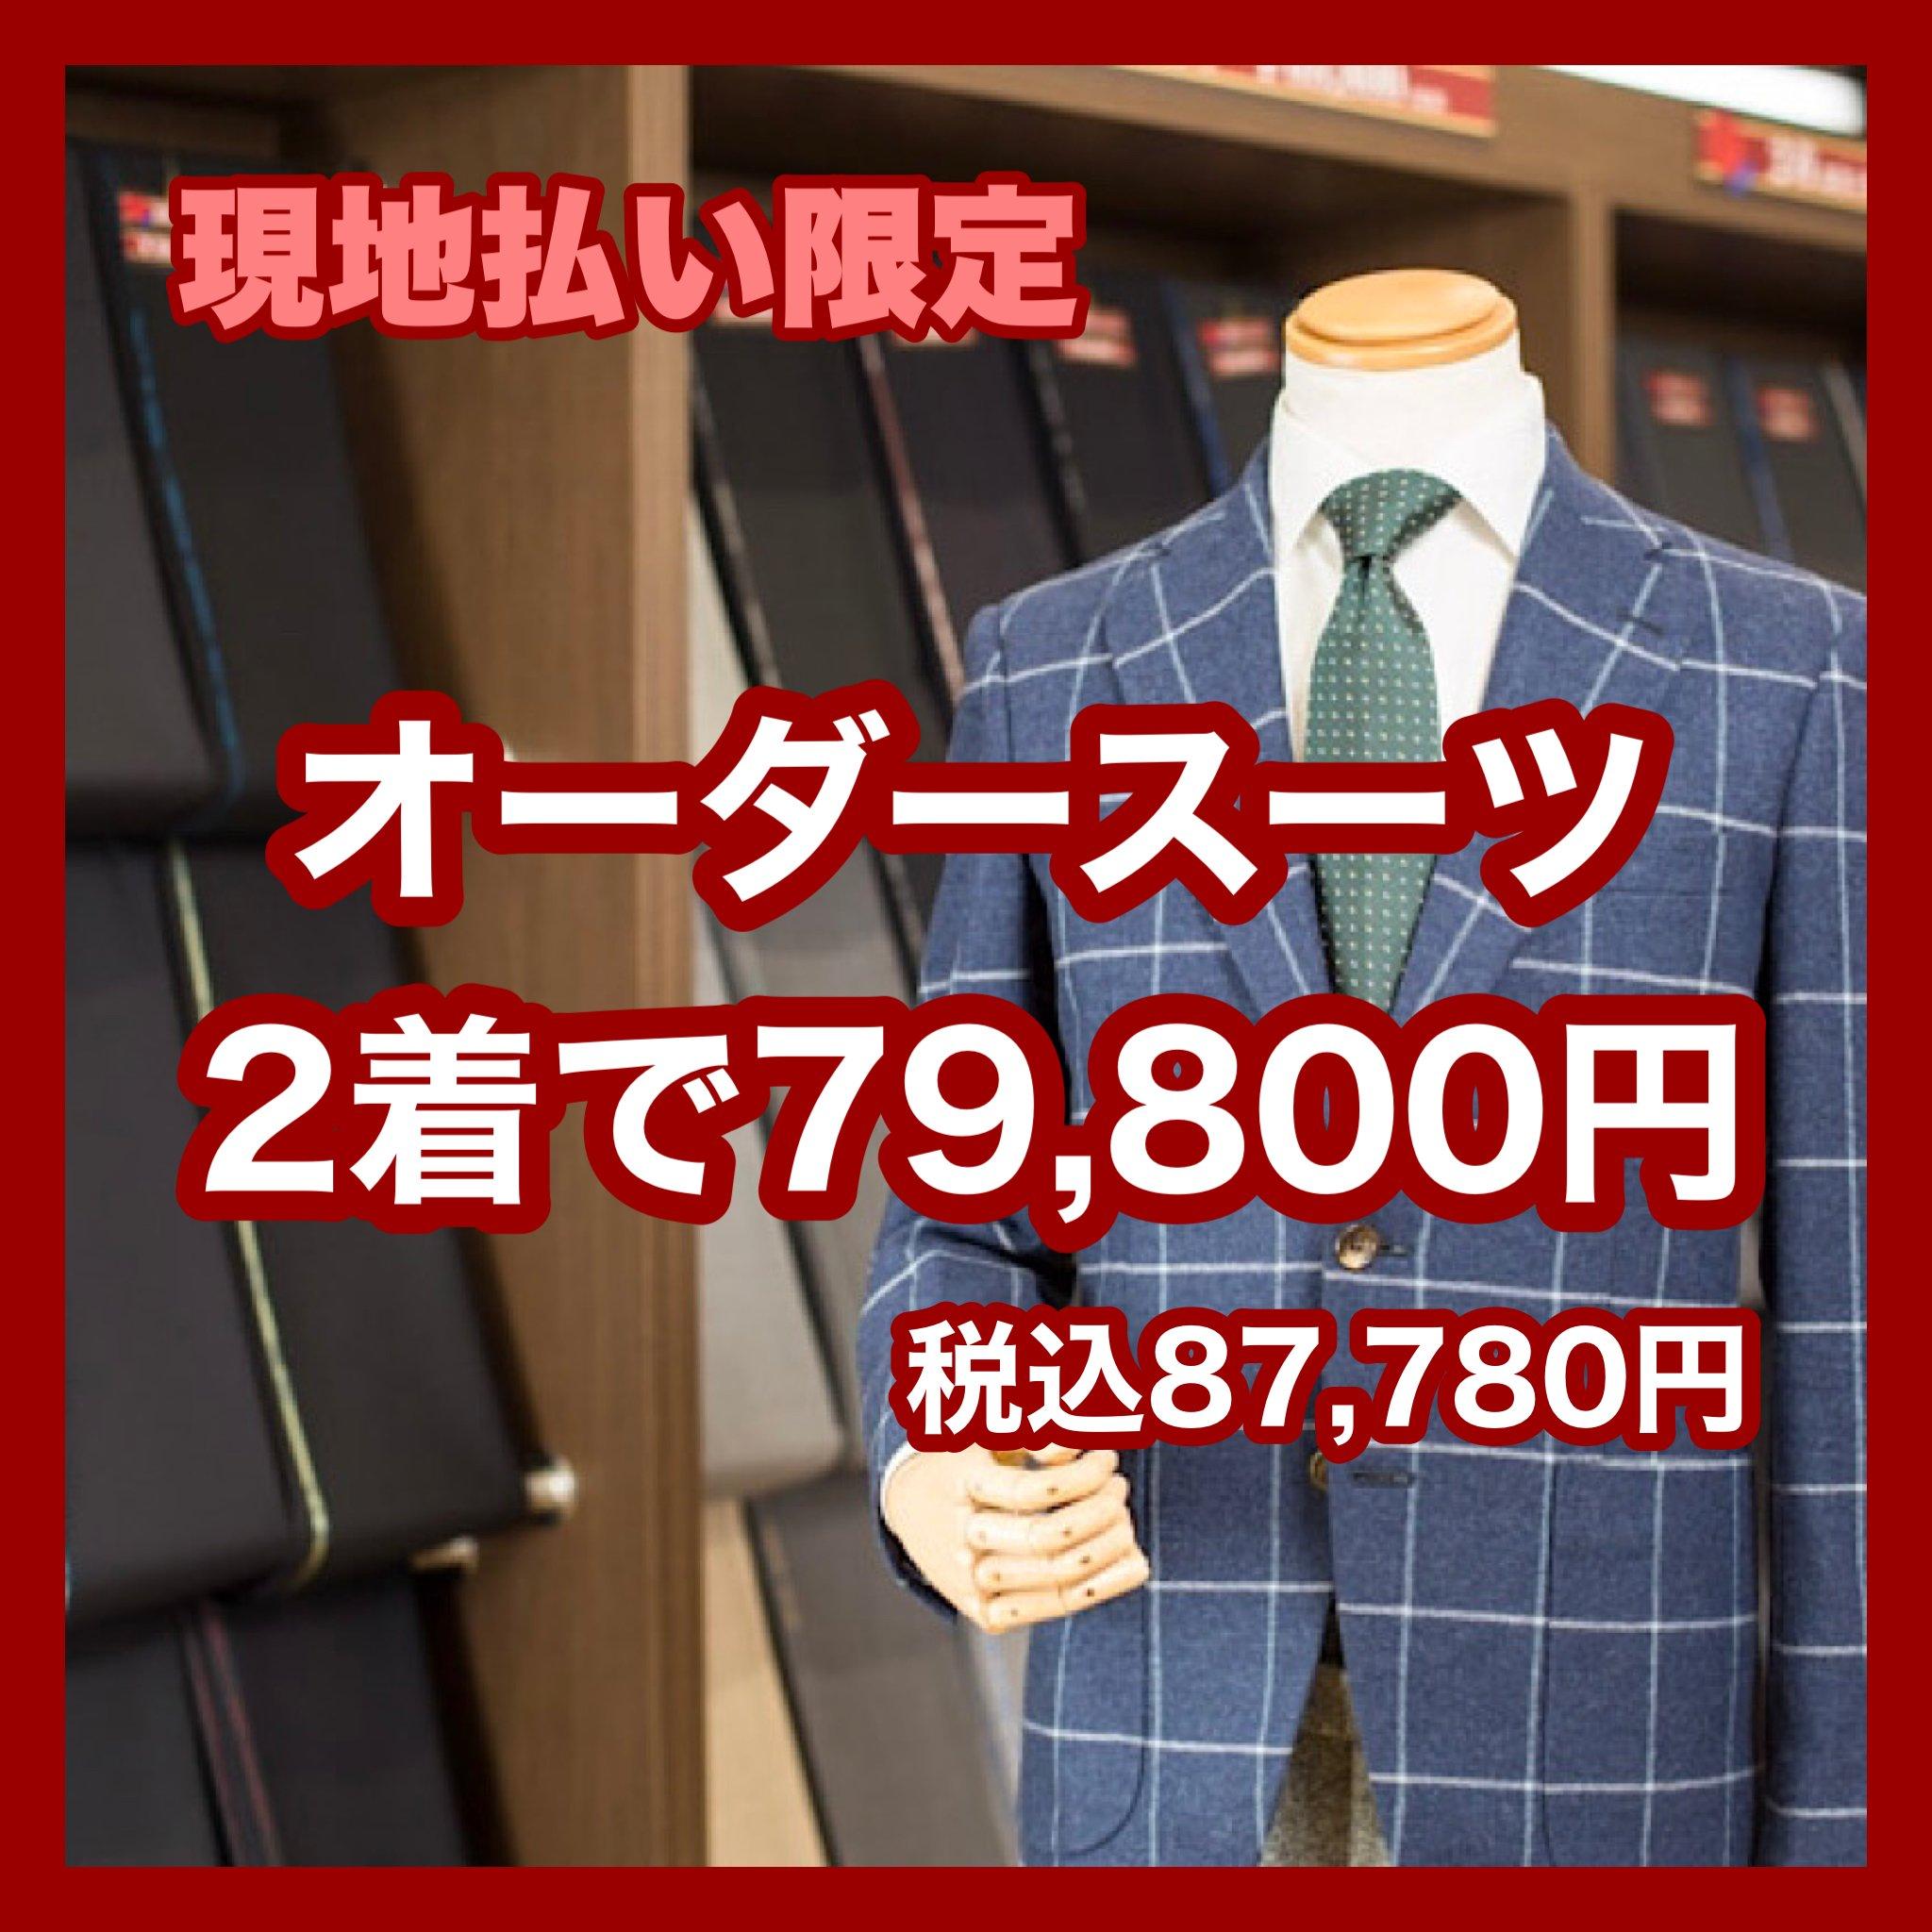 現地払い専用オーダースーツ2着79,800円(税込87,780円)のイメージその1